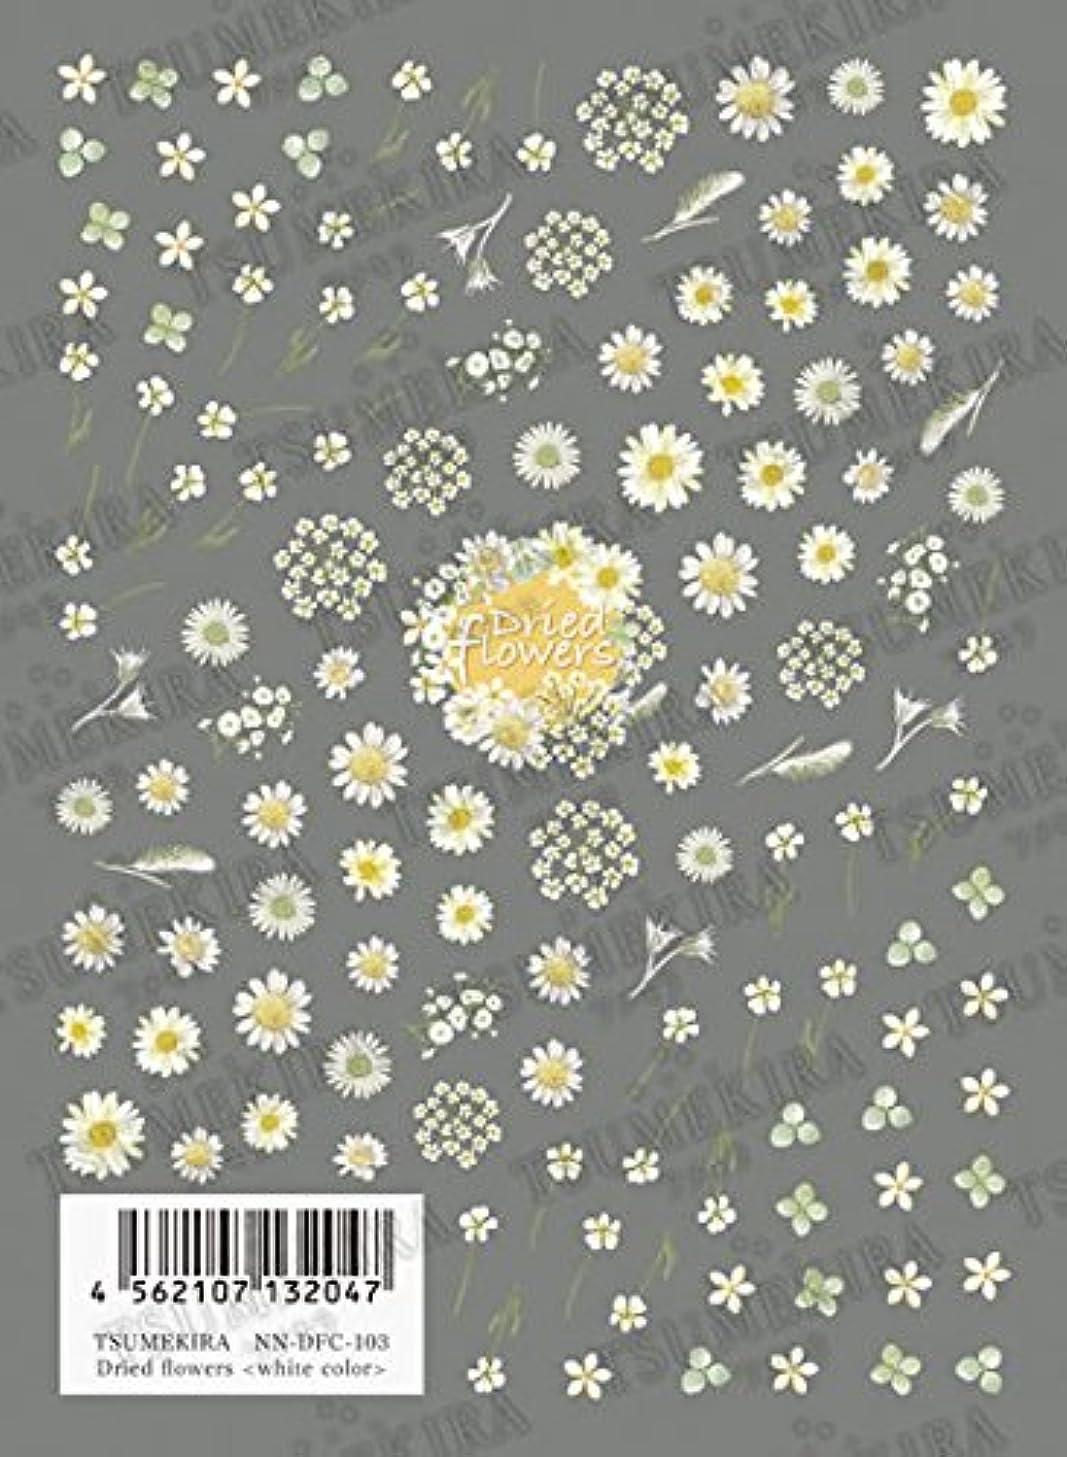 知っているに立ち寄る架空のルーキーTSUMEKIRA Dried flowers white color NN-DFC-103